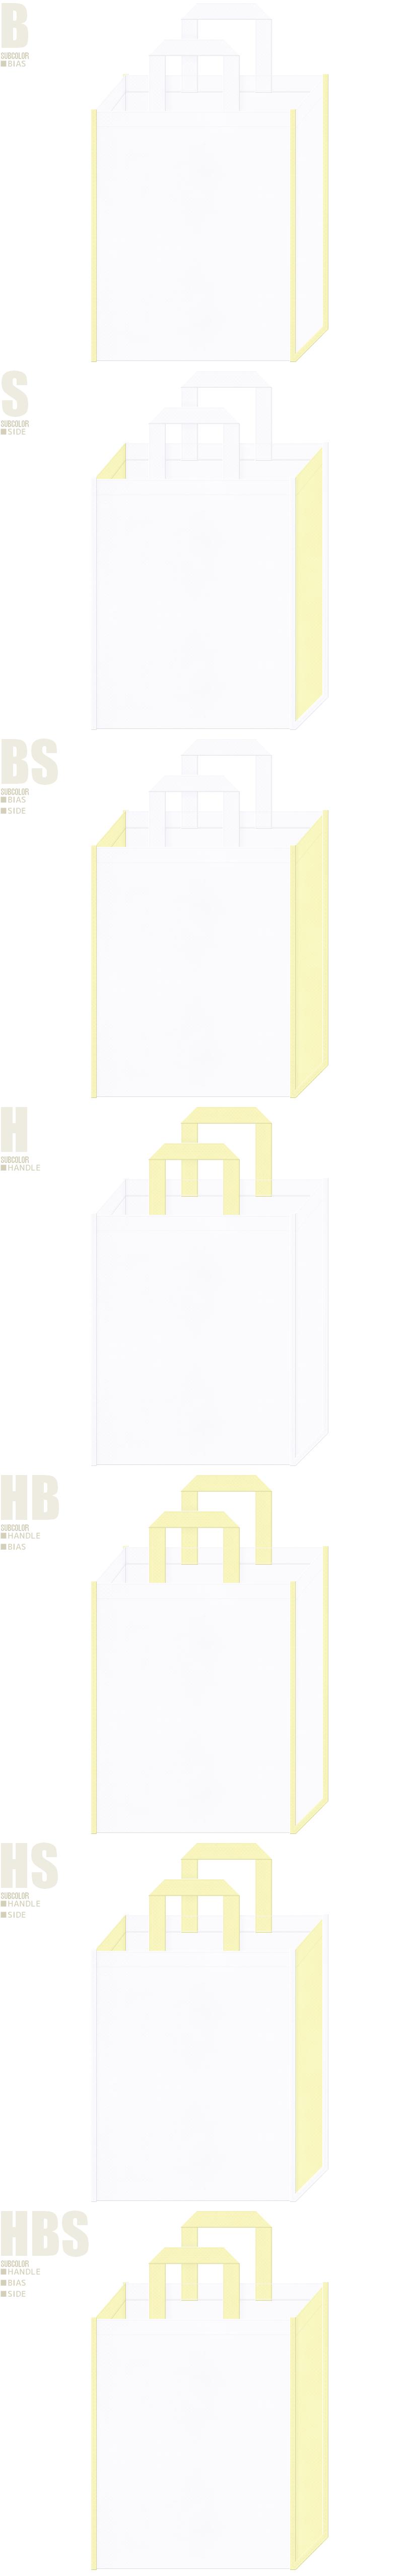 保育・福祉・介護・パステルカラー・ガーリーデザイン・学校・学園・オープンキャンパスにお奨めの不織布バッグデザイン:白色と薄黄色のコーデ7パターン